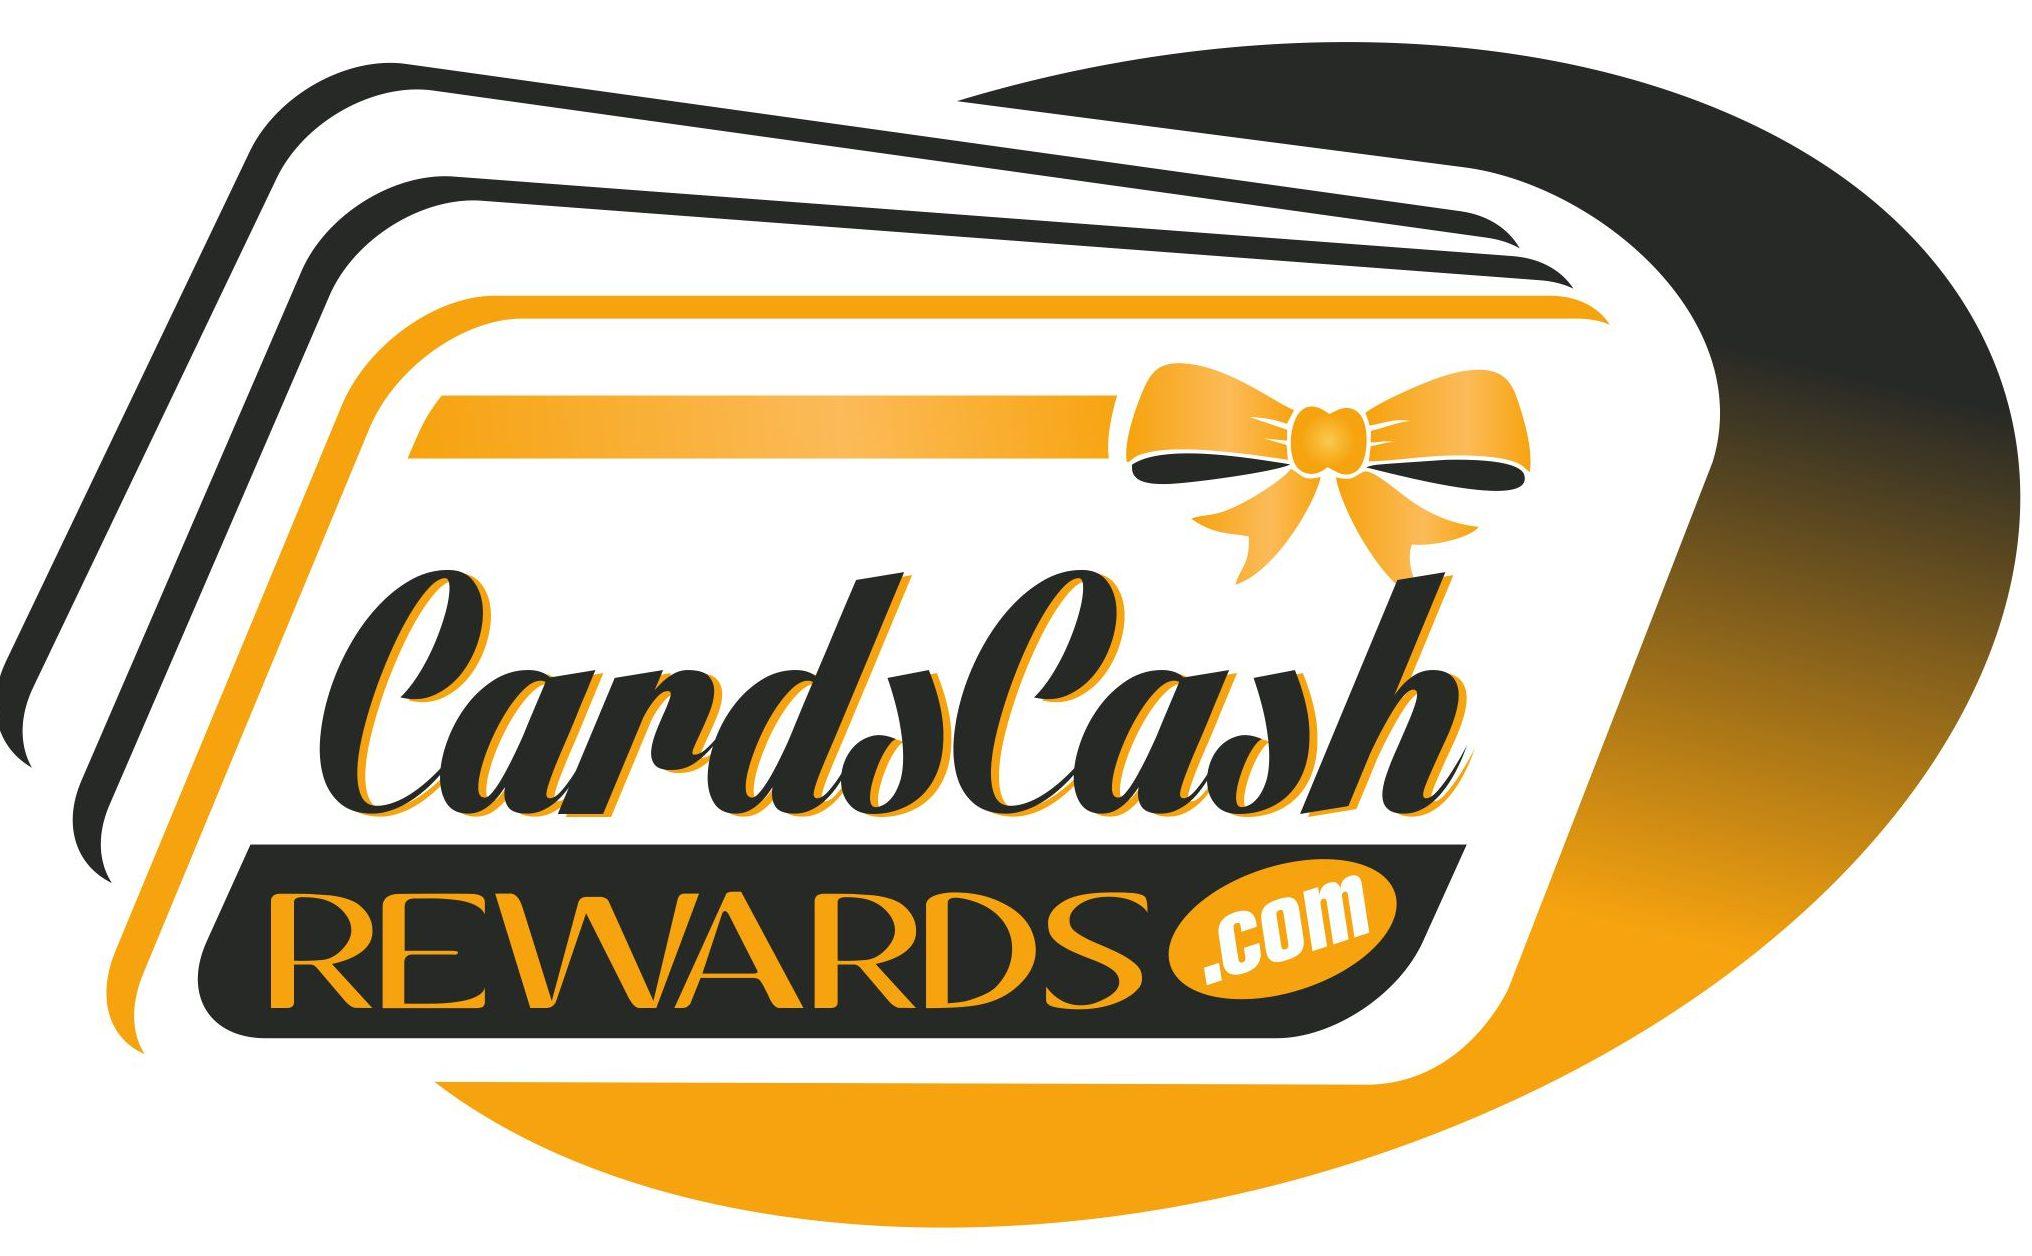 CardsCashRewards.com